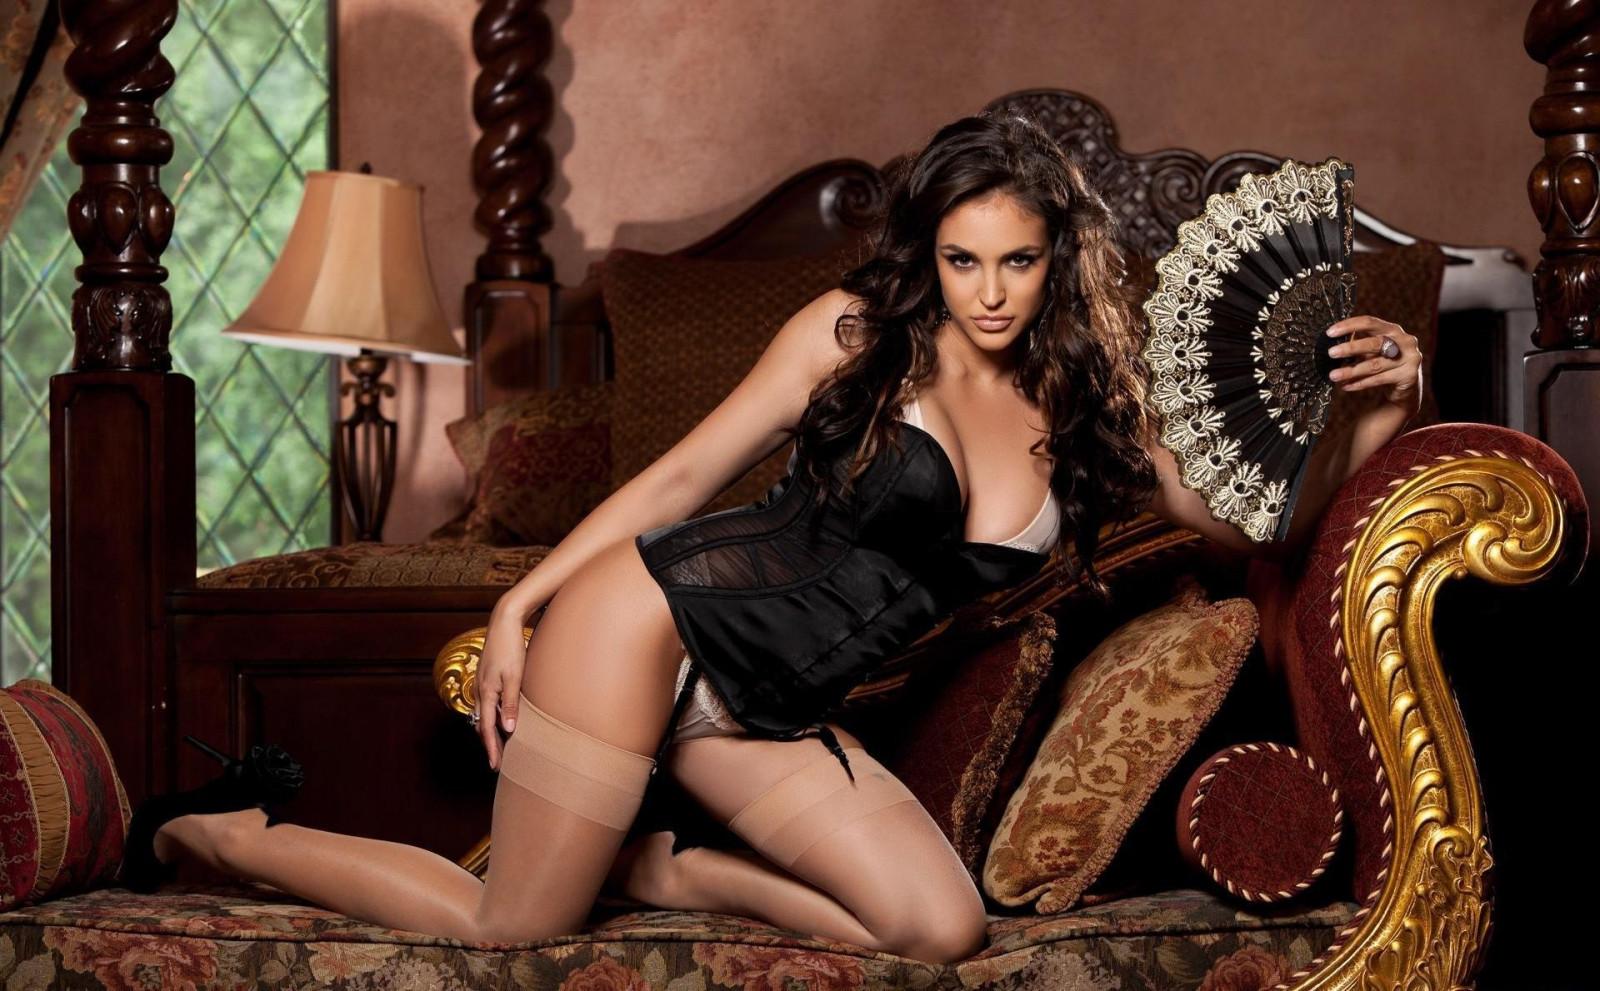 зрелая дамочка красивое испанское эротическое видео что